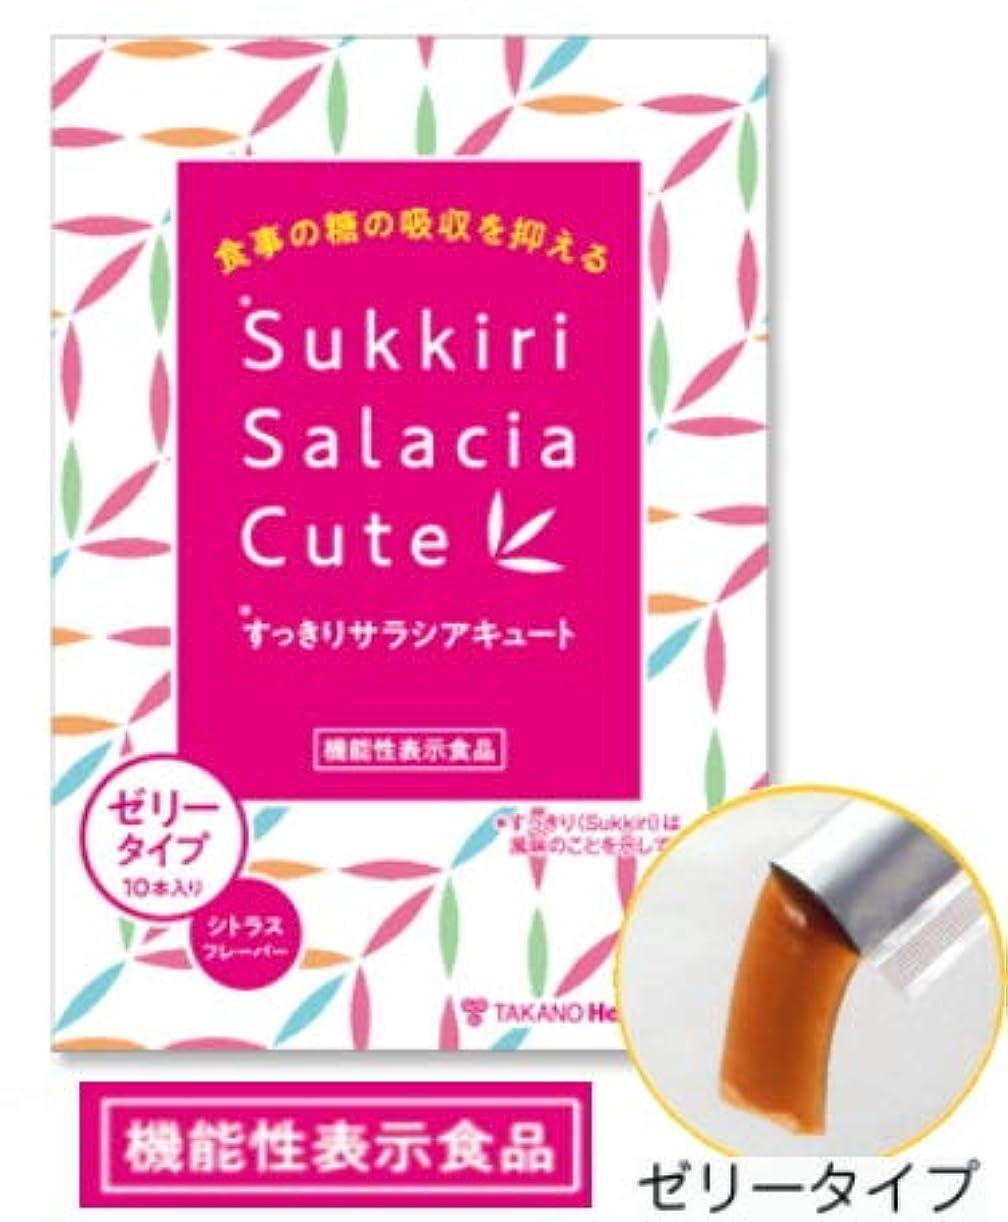 ジョリー包括的素朴な食事の糖の吸収を抑える すっきり サラシア キュート ゼリーダイプ 10本入×10個セット【機能性表示食品】